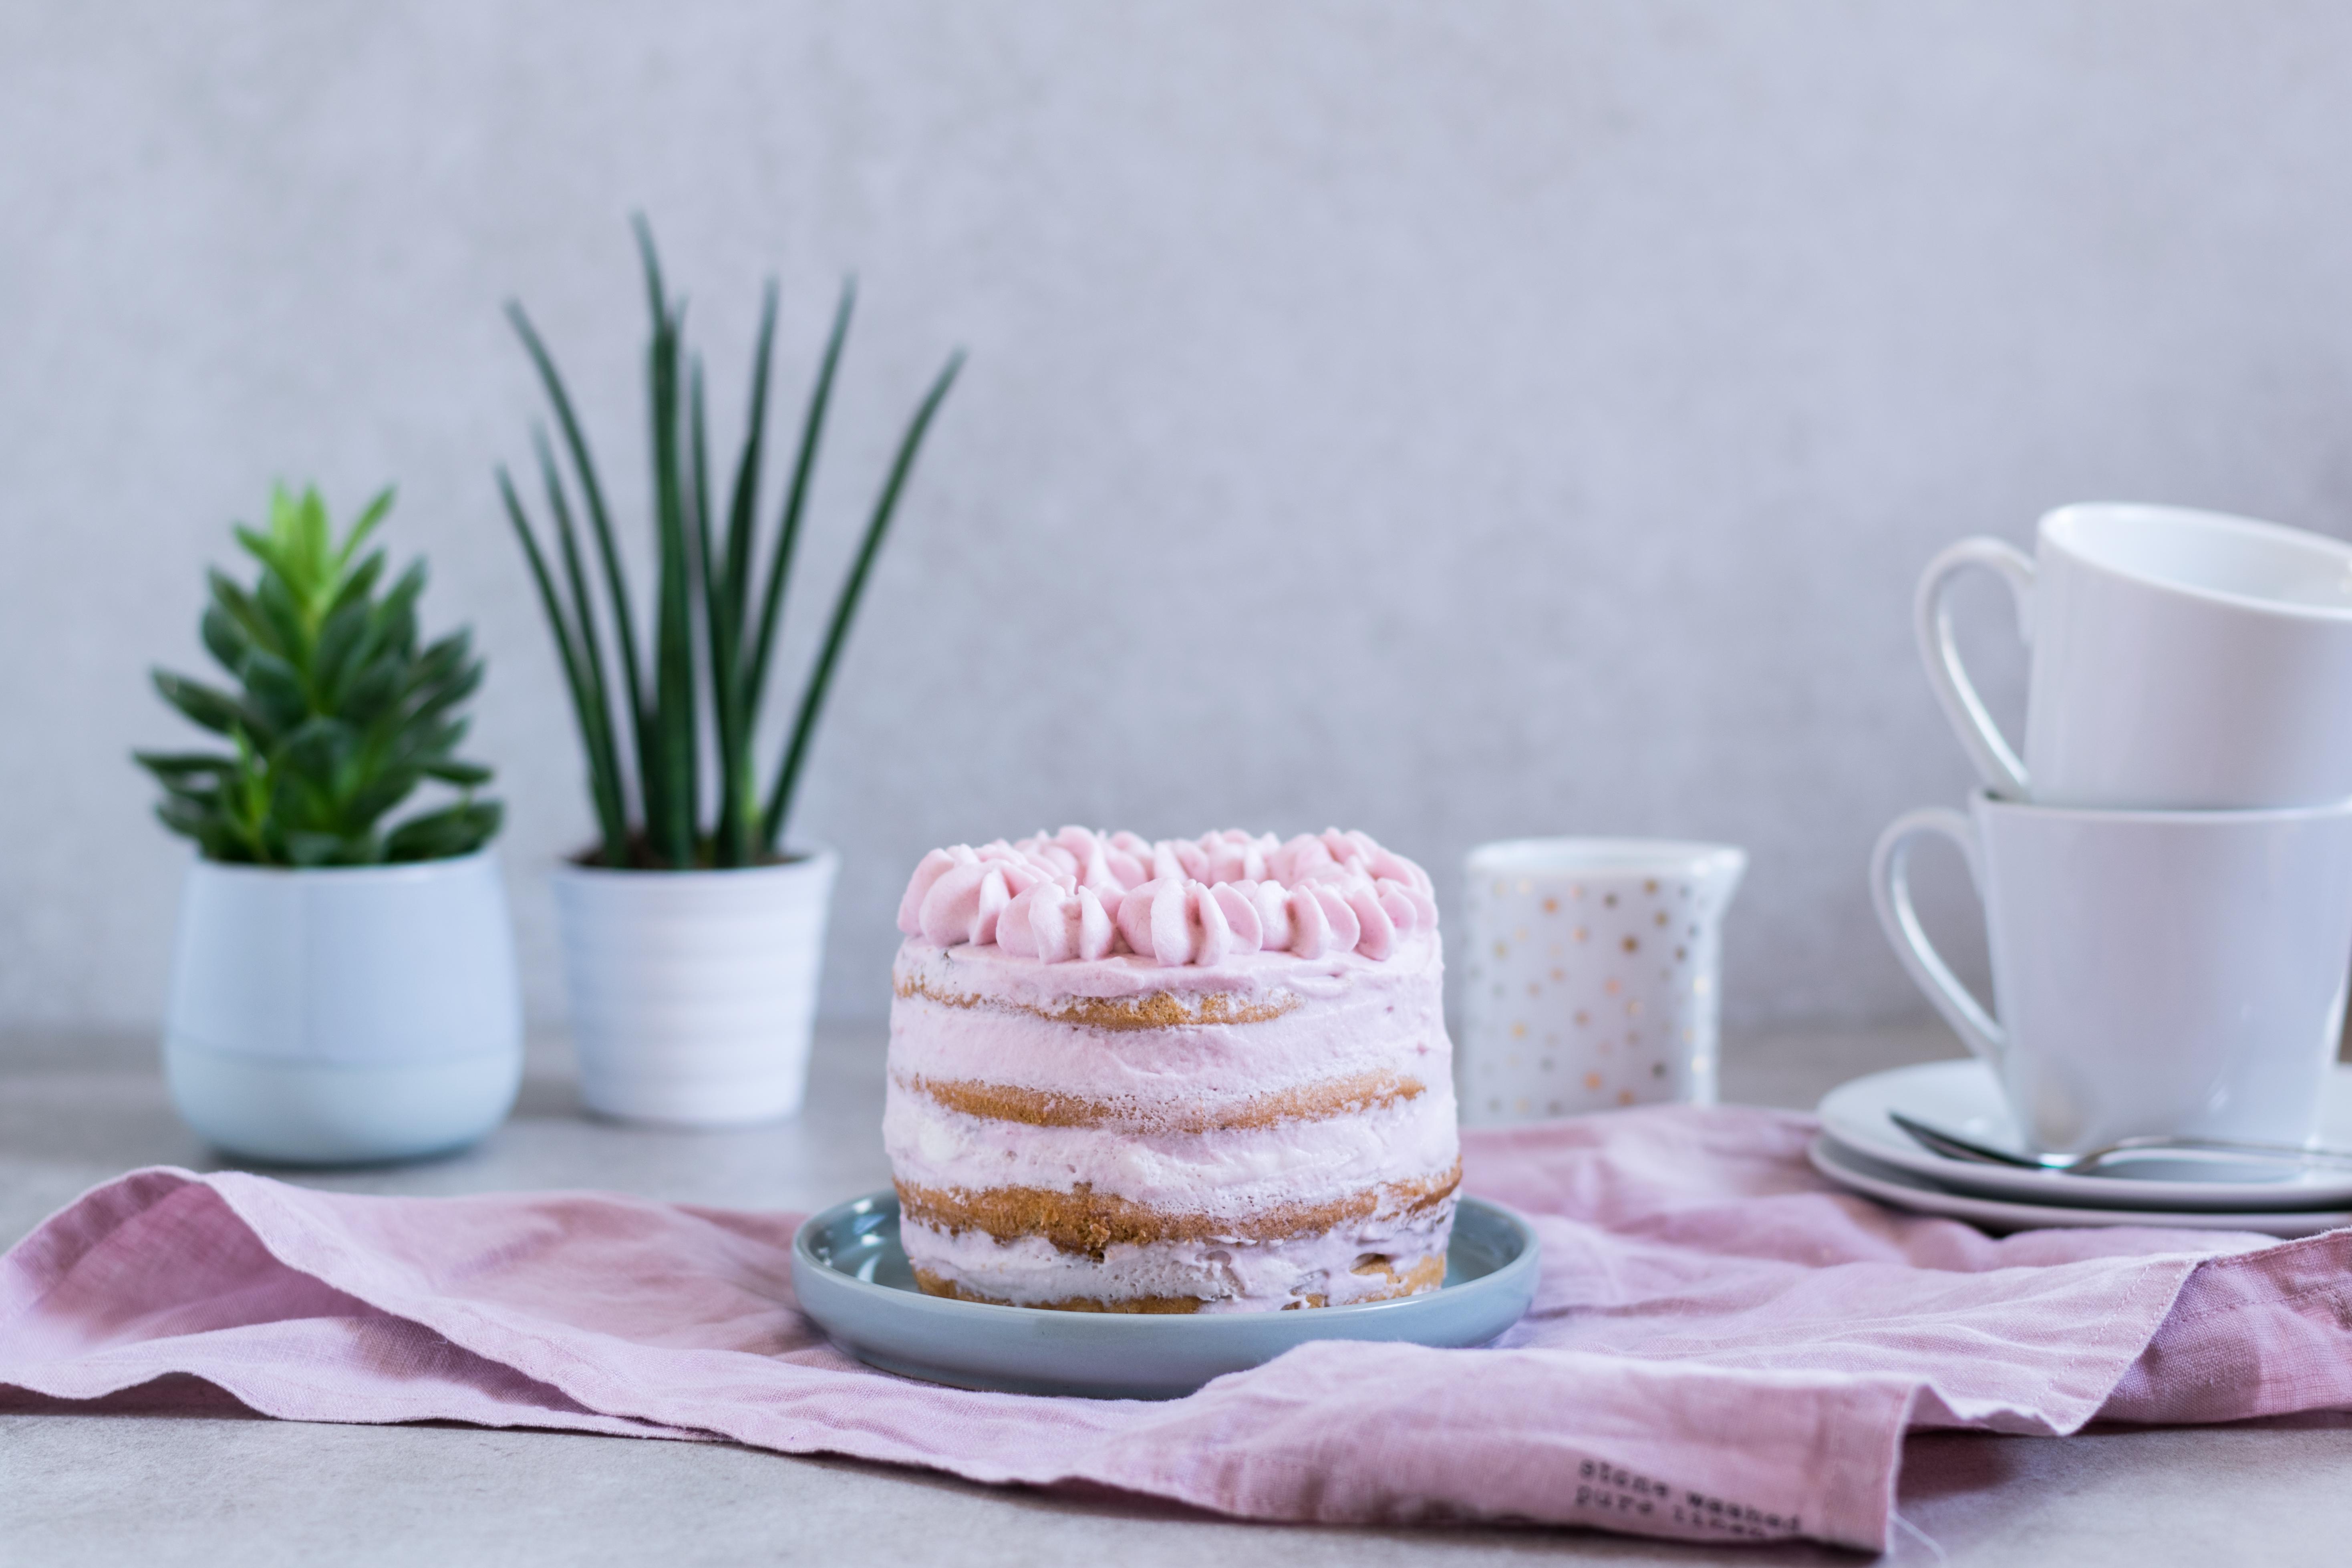 pastellfarbener Naked-Cake